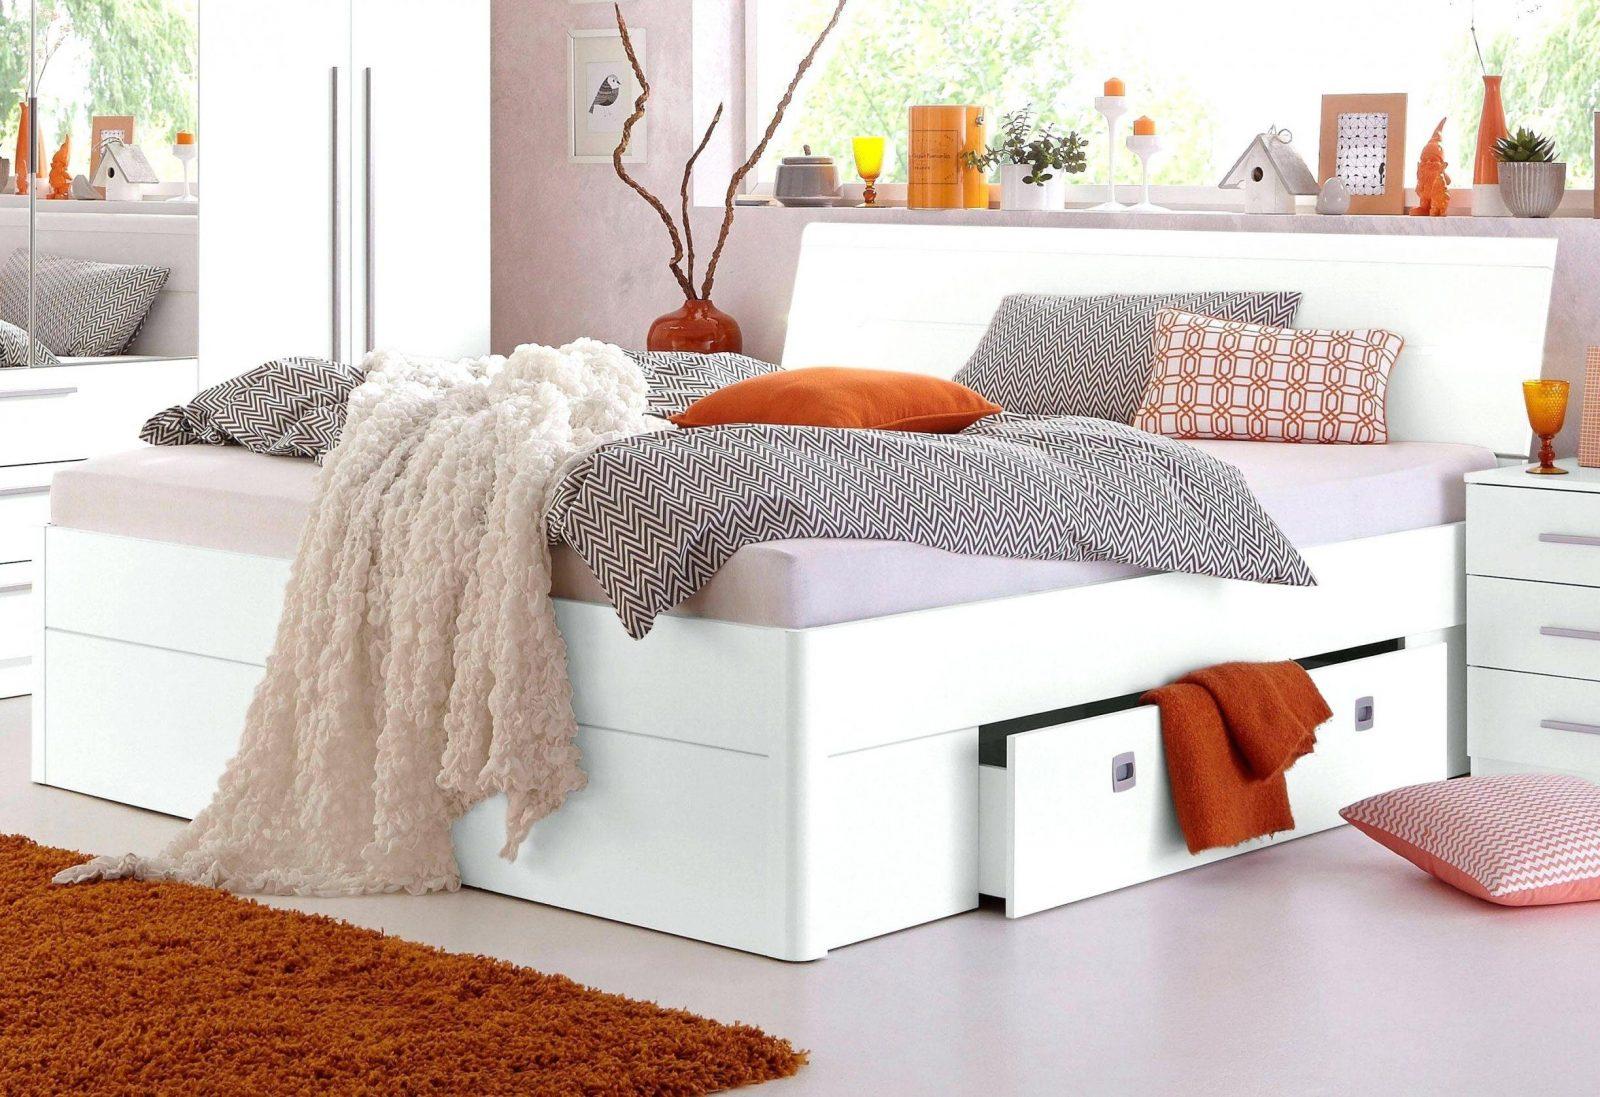 Podestbett Bauen Bett Podest Swalif